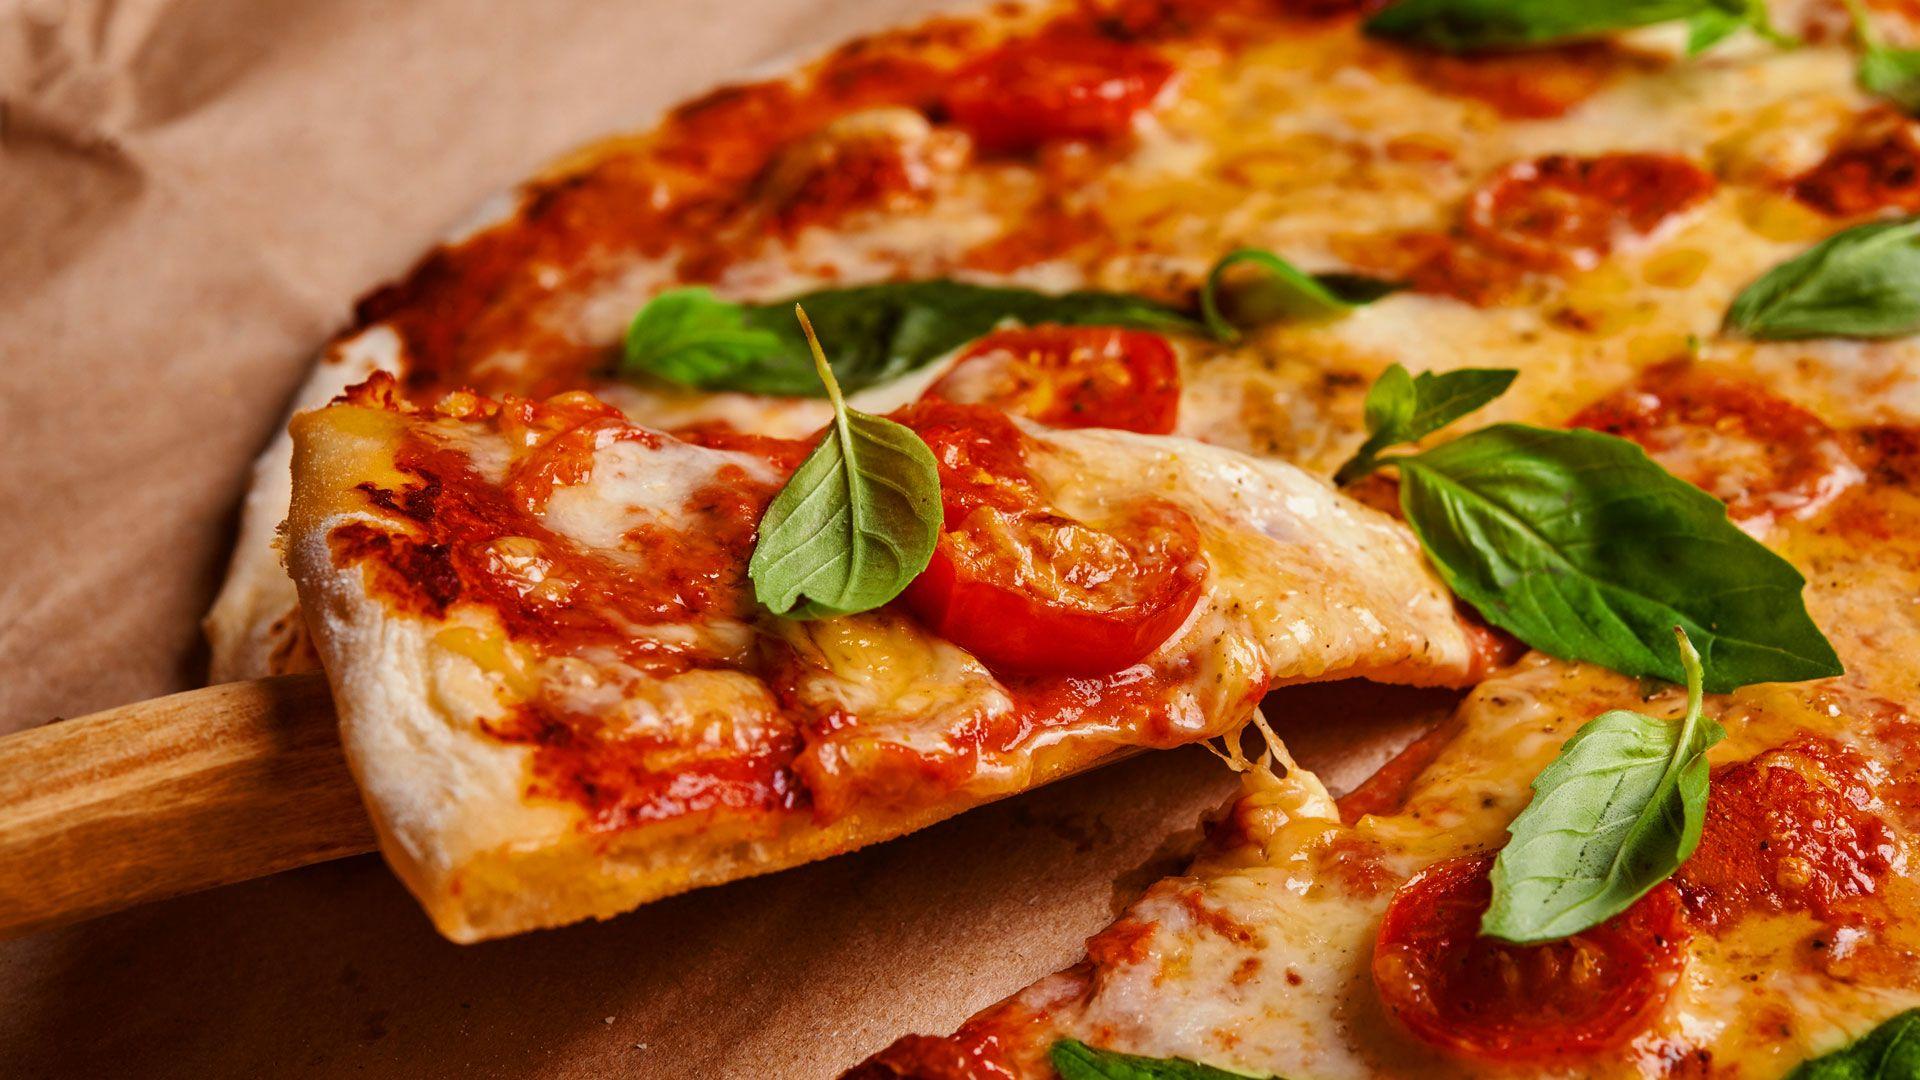 Ez a pizza nem 10 perc alatt készült (Fotó: iStockphoto)